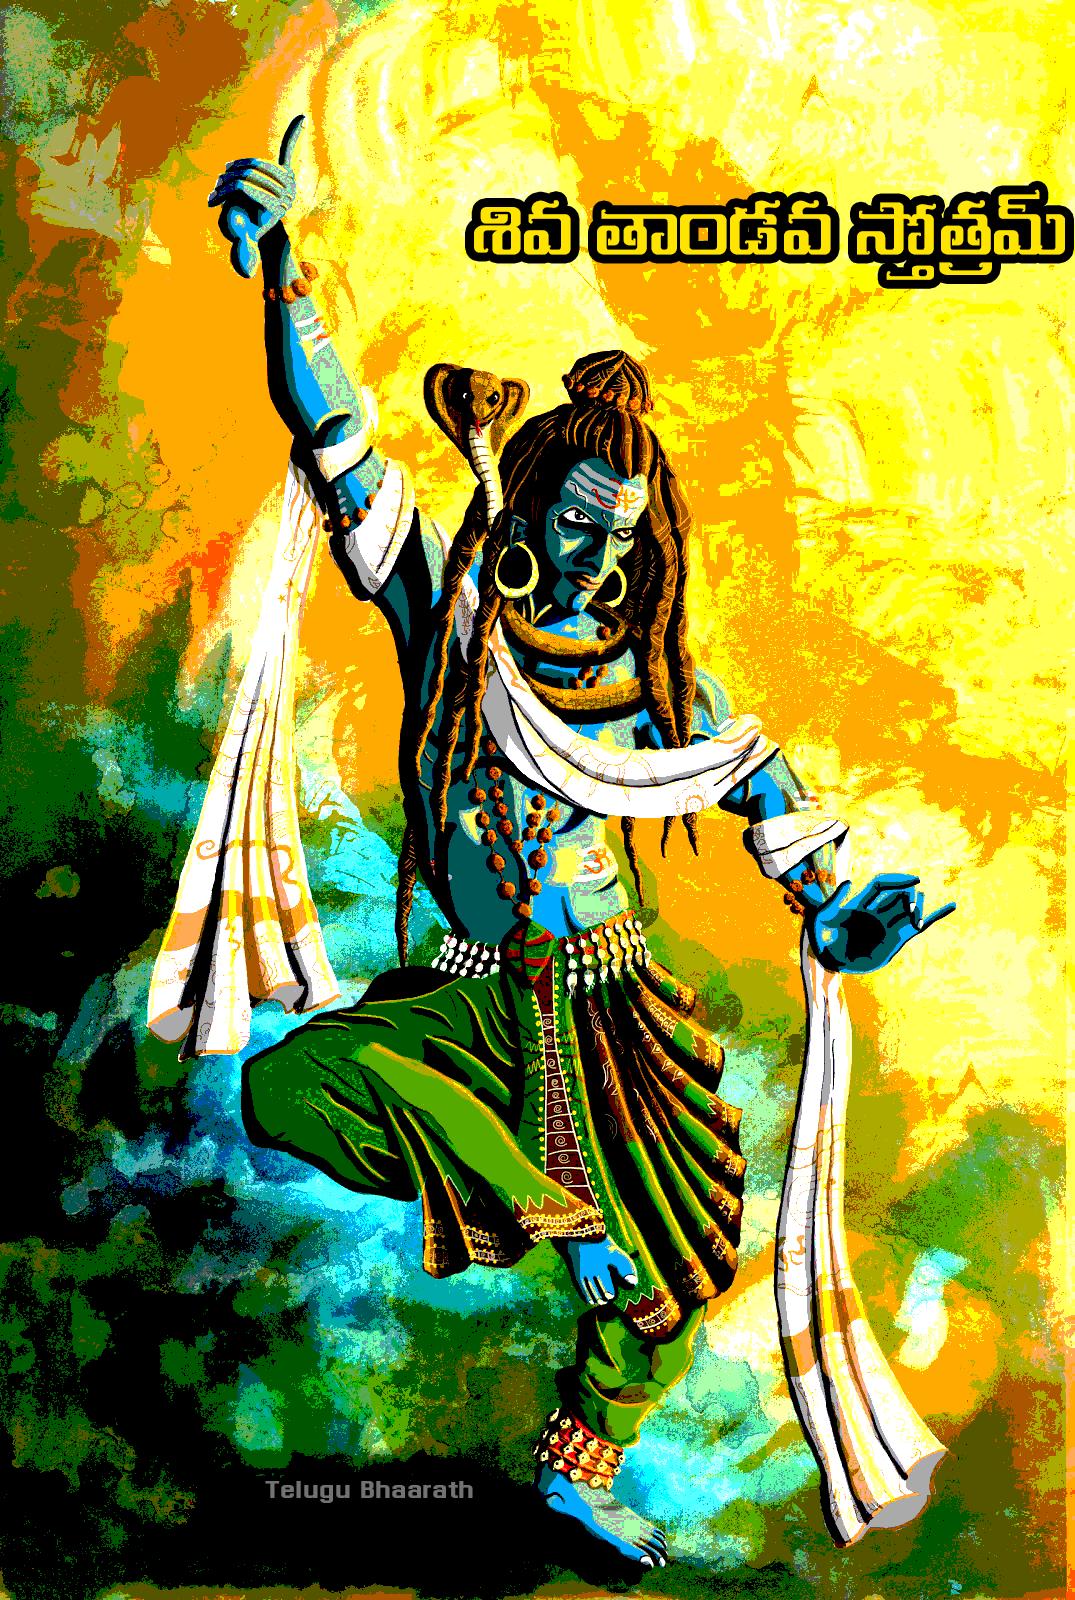 శివ తాండవ స్తోత్రమ్ - शिव ताण्डव स्तोत्रम् - ŚIVA TĀṆḌAVA STOTRAM